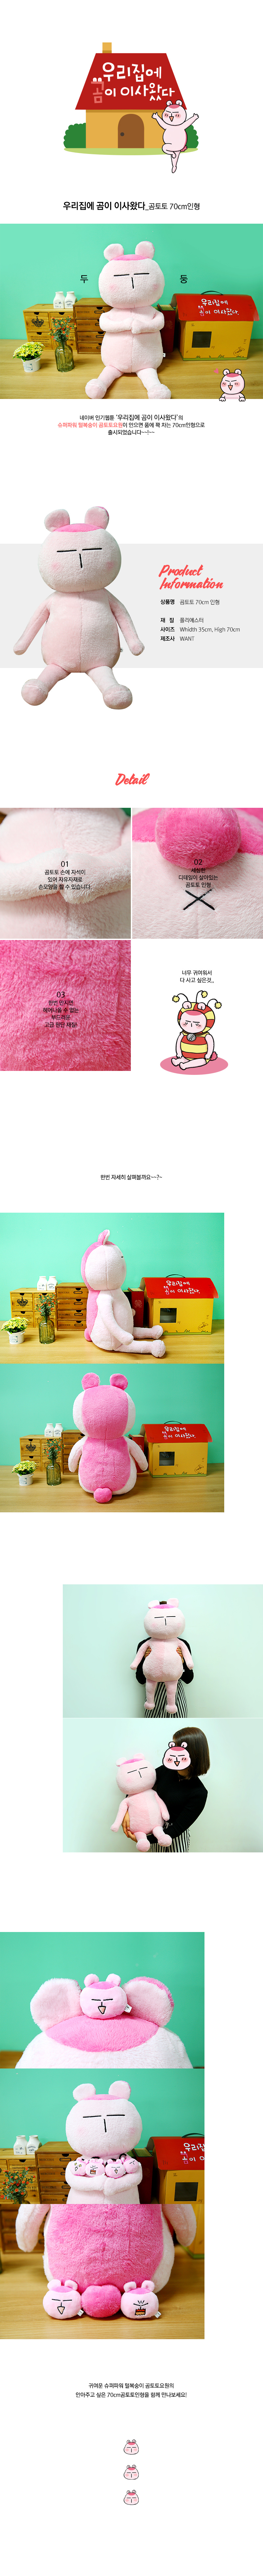 곰토토 인형(70cm) - 위시, 40,500원, 캐릭터인형, 게임/애니메이션